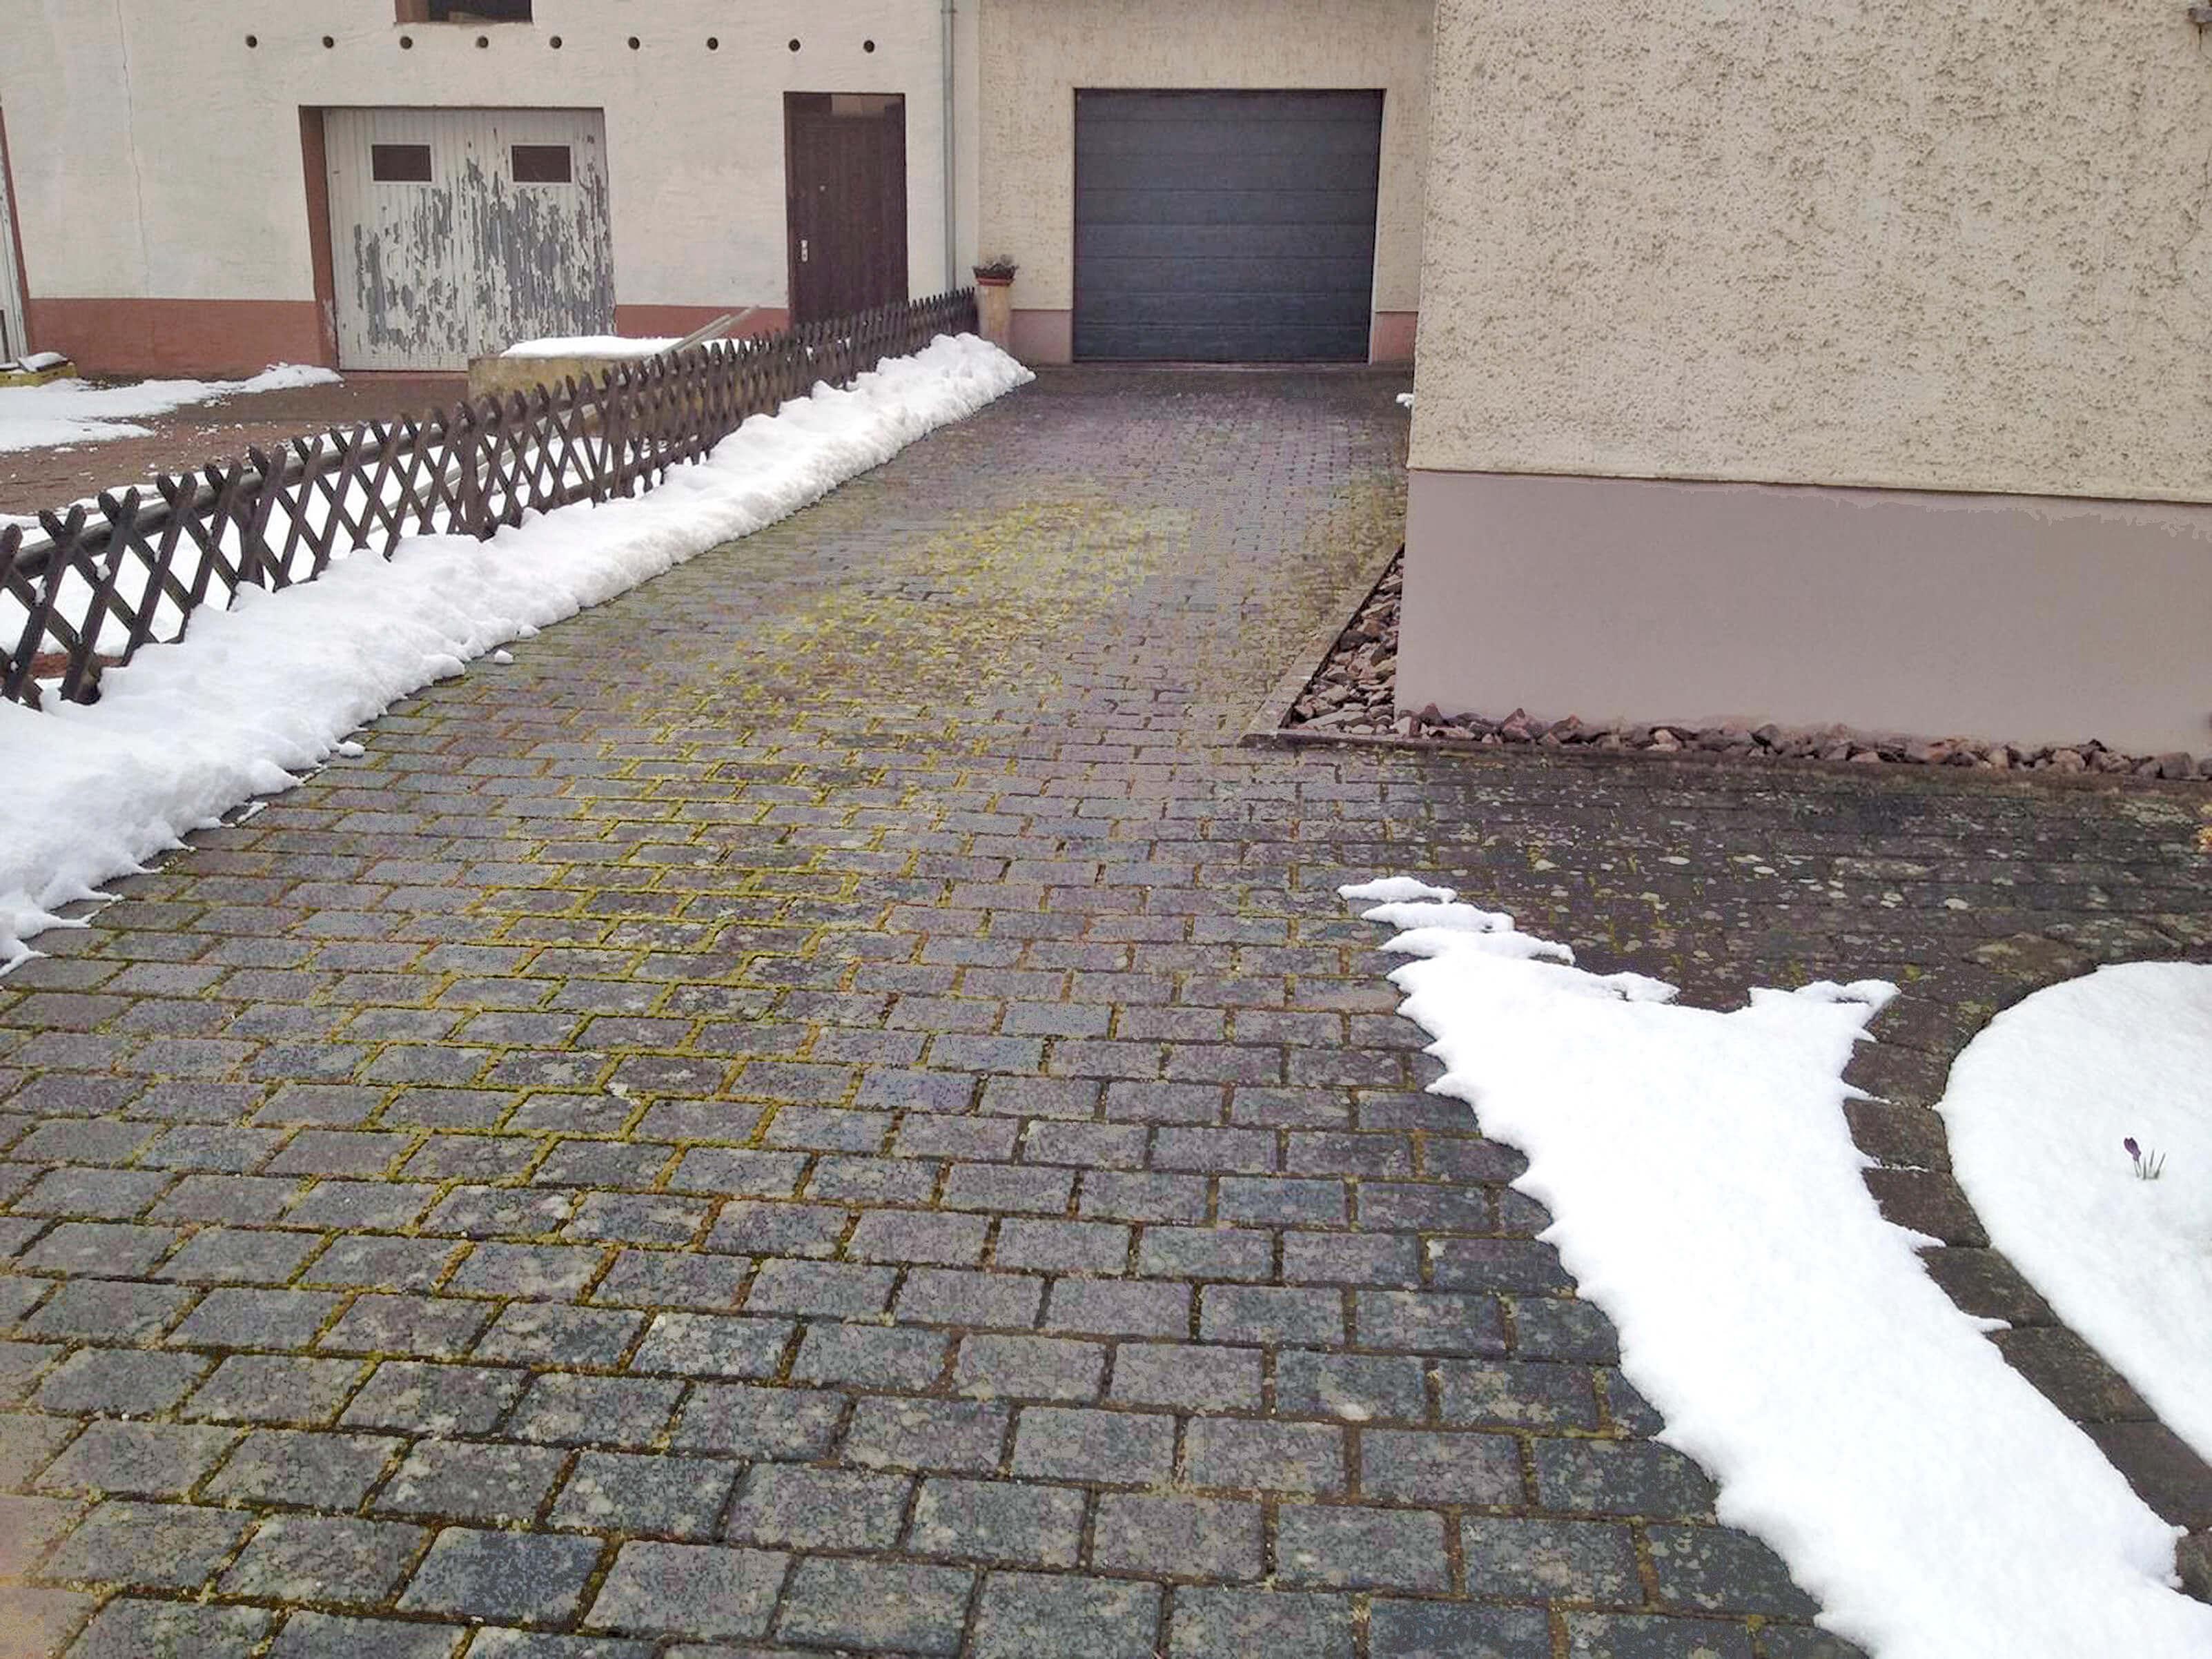 Die fleckige, verdreckte Einfahrt sieht nicht mehr schön aus. Die Pflastersteine sind kaum noch erkennbar.